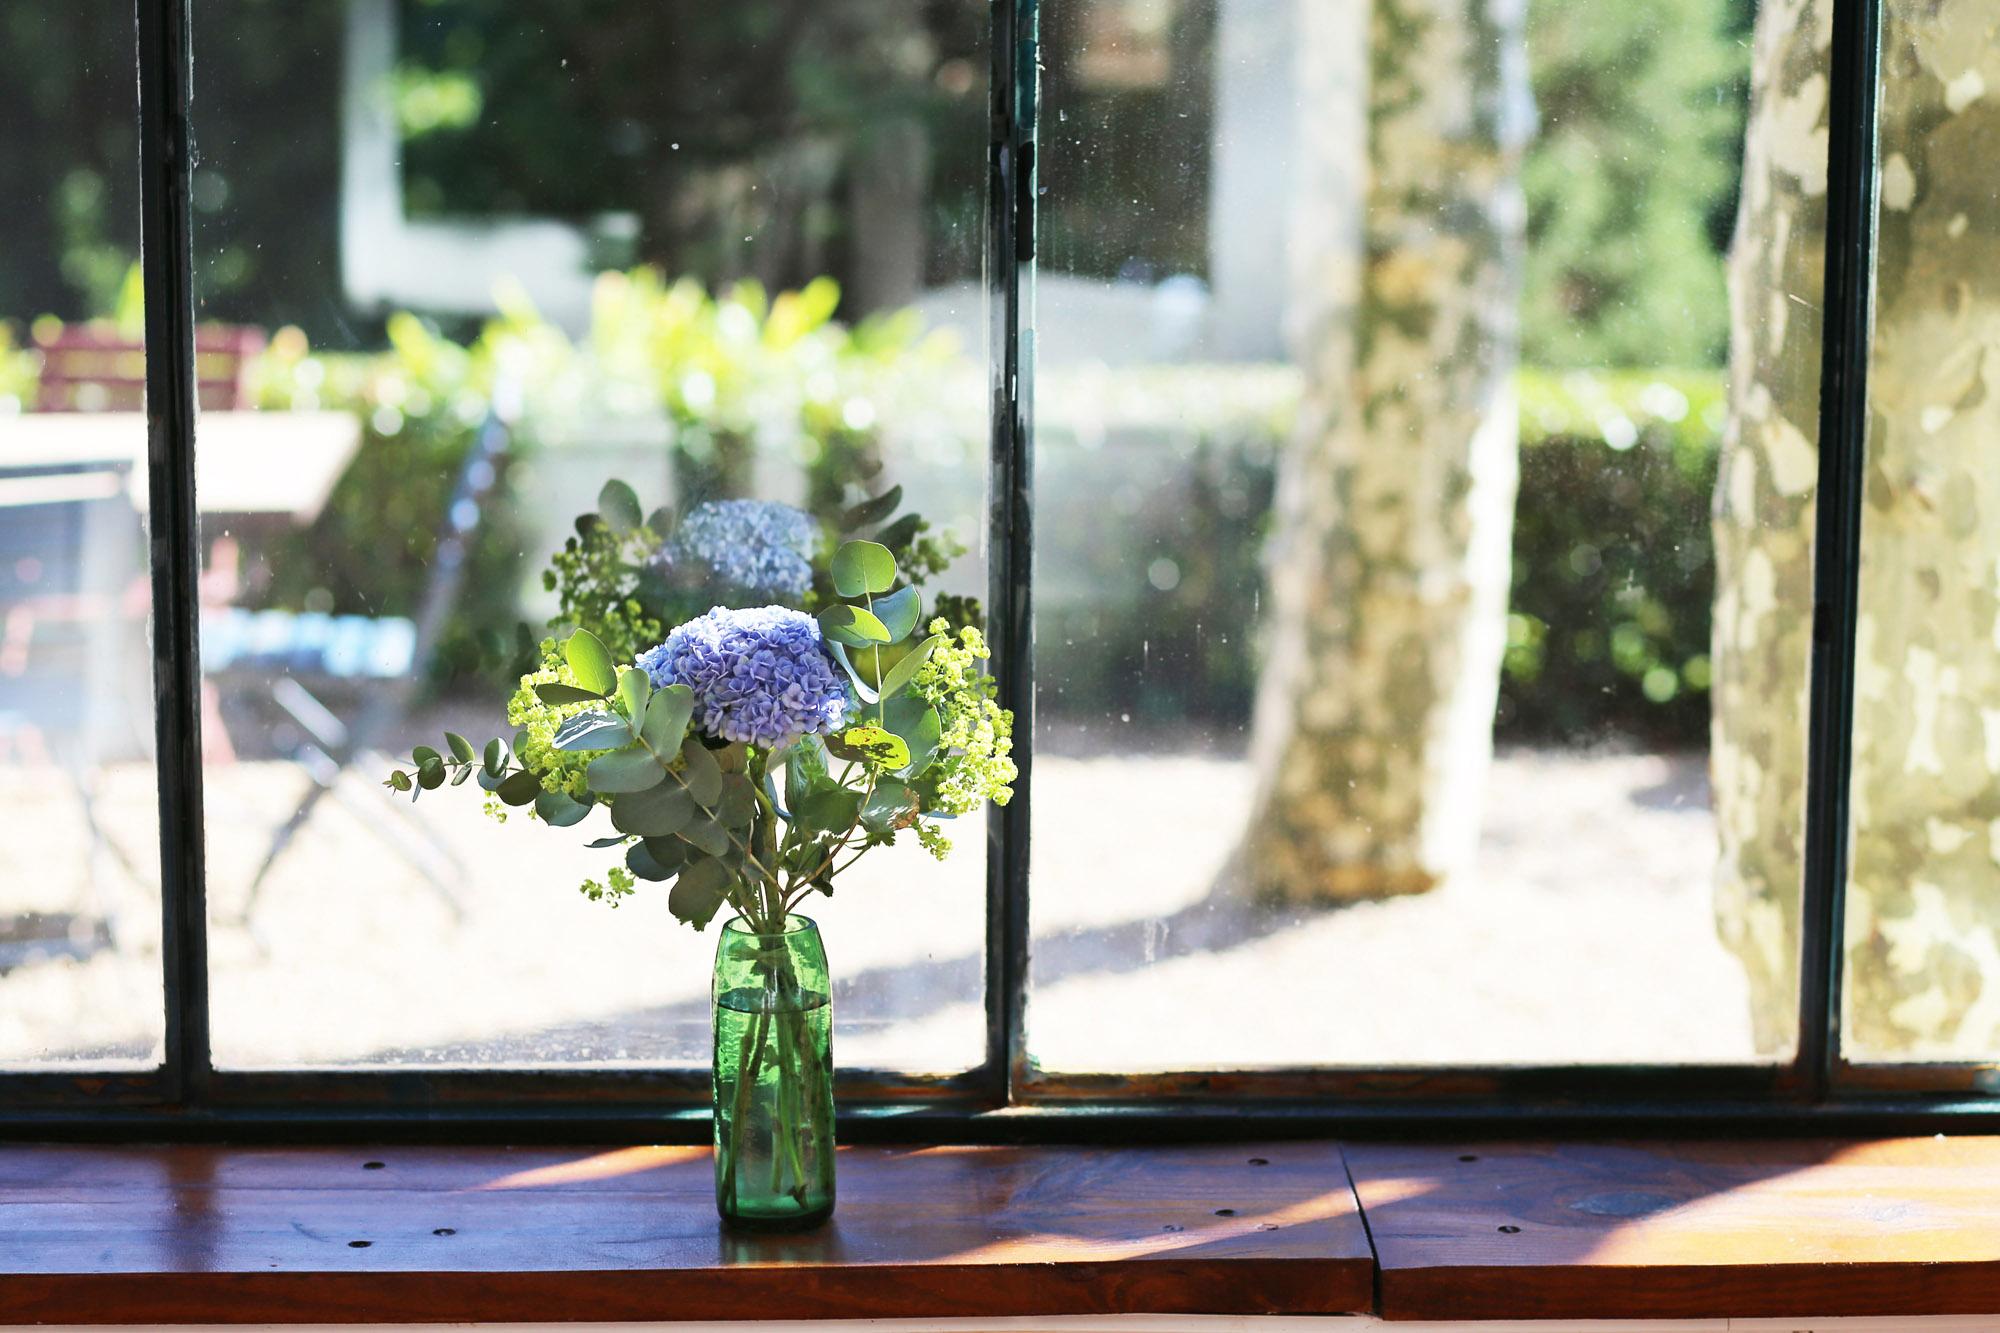 fleuriste-mariage-64-photographe-Sylvain-Mariotto-landes-pays-basque-19